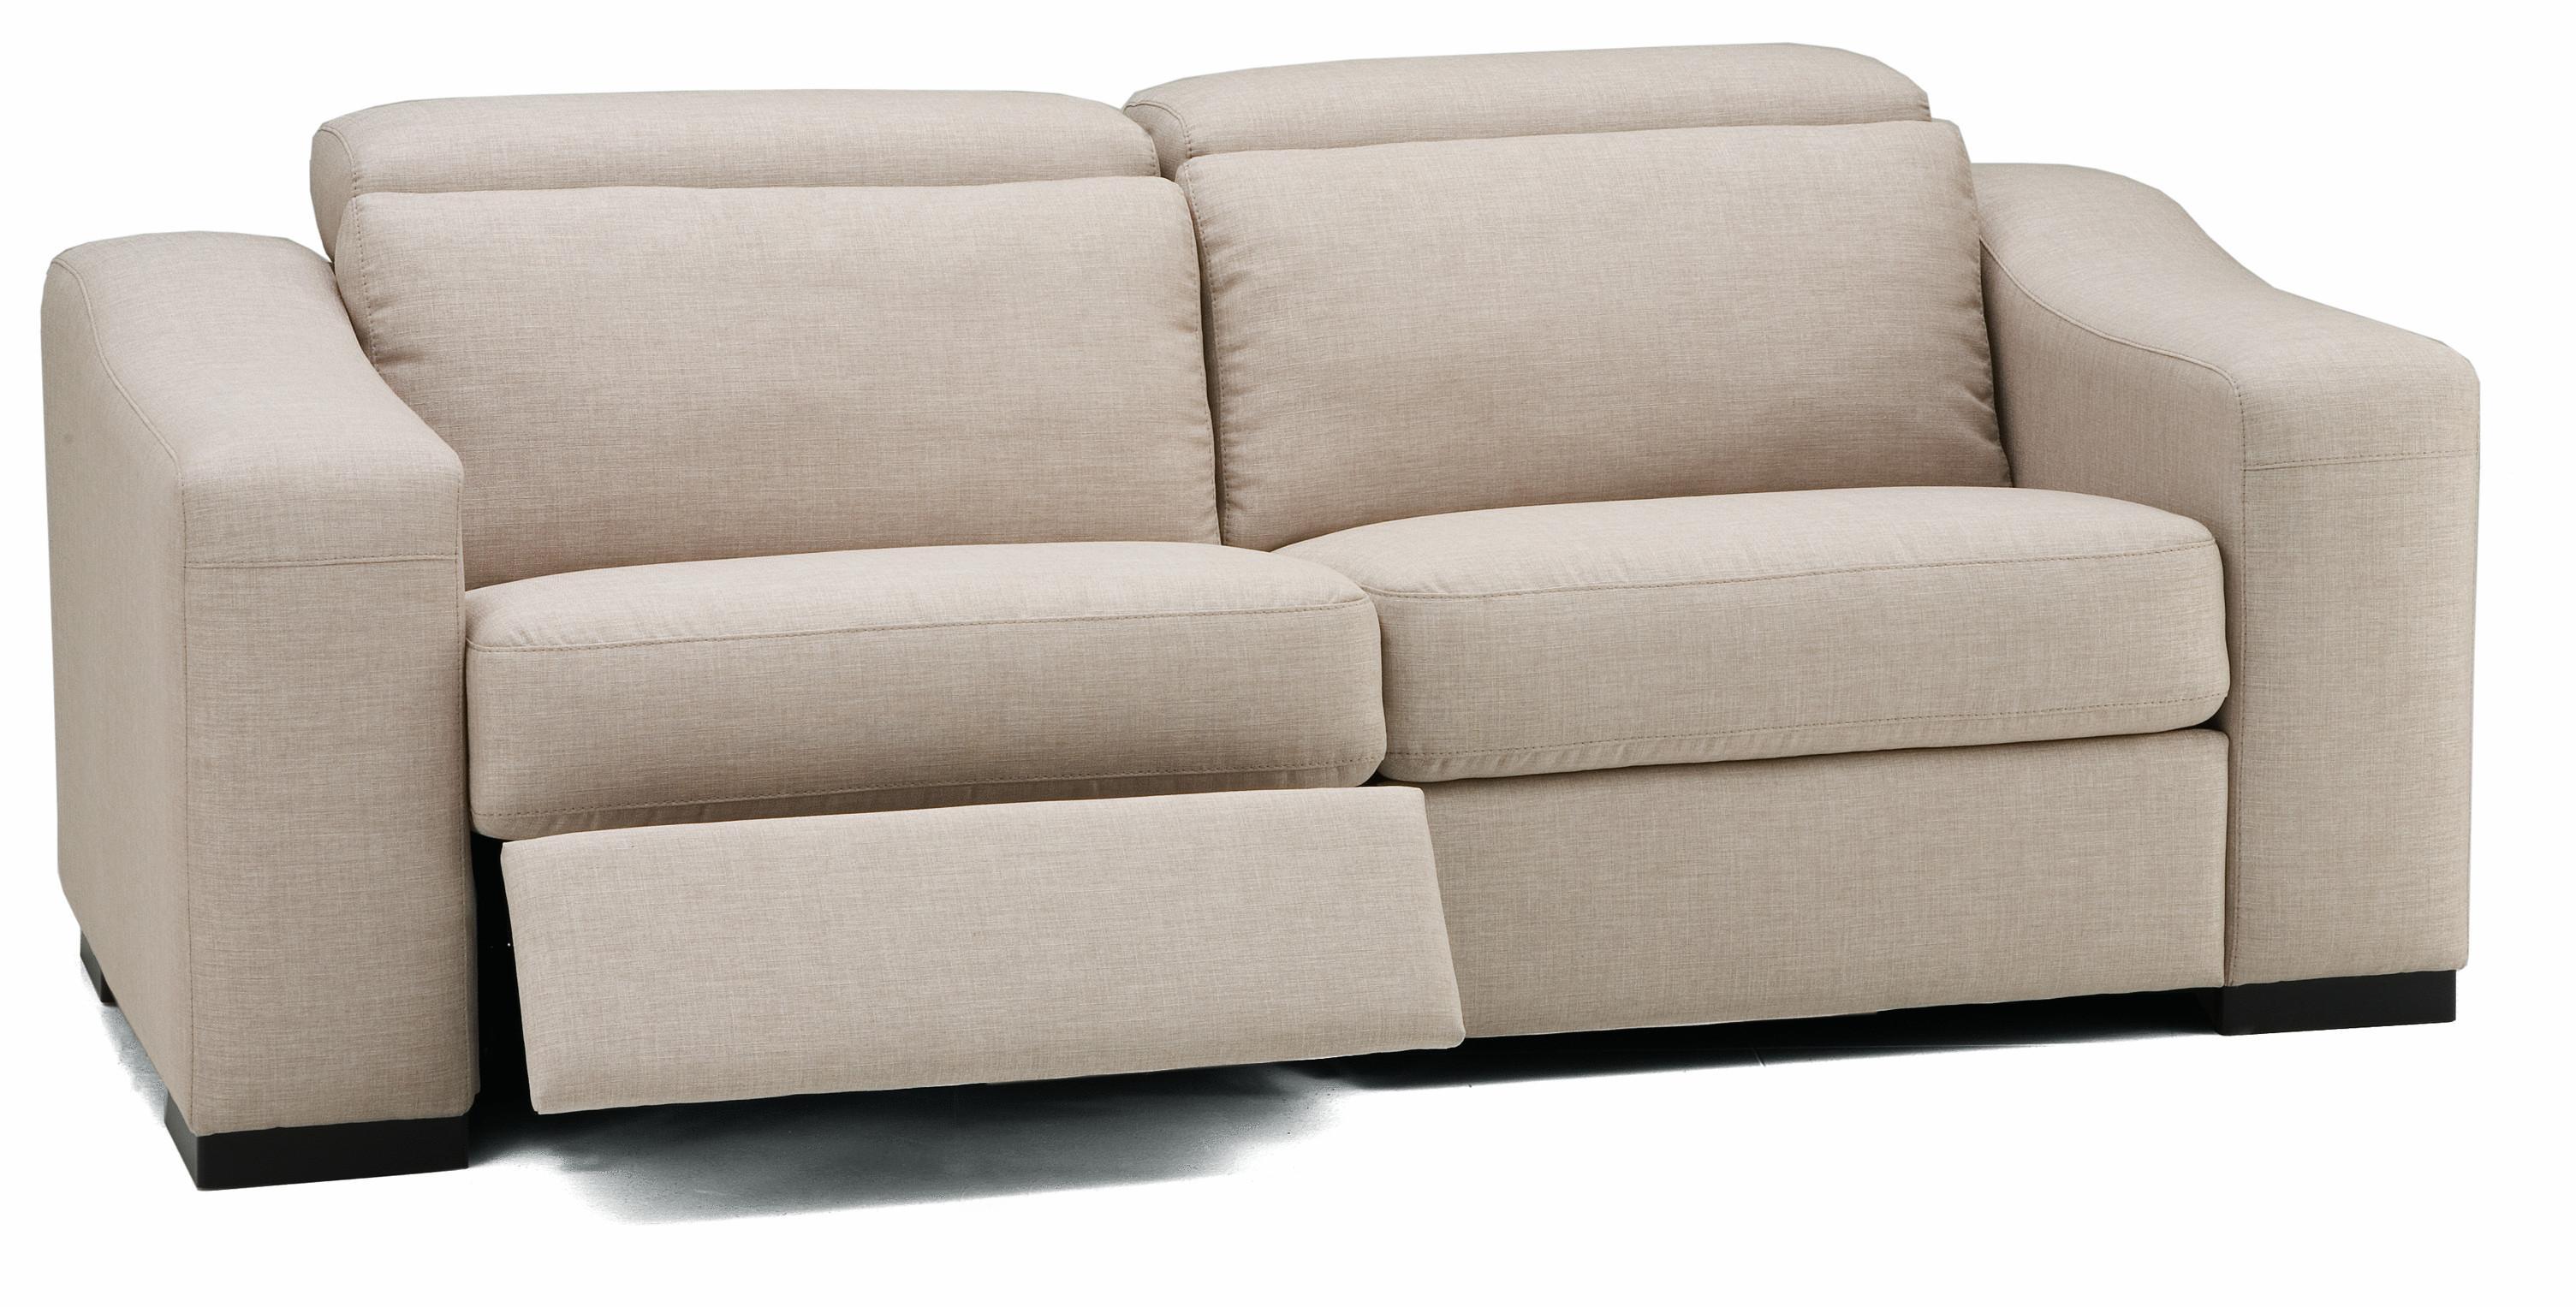 Palliser Cortez Ii Modern Sofa Recliner W Block Feet